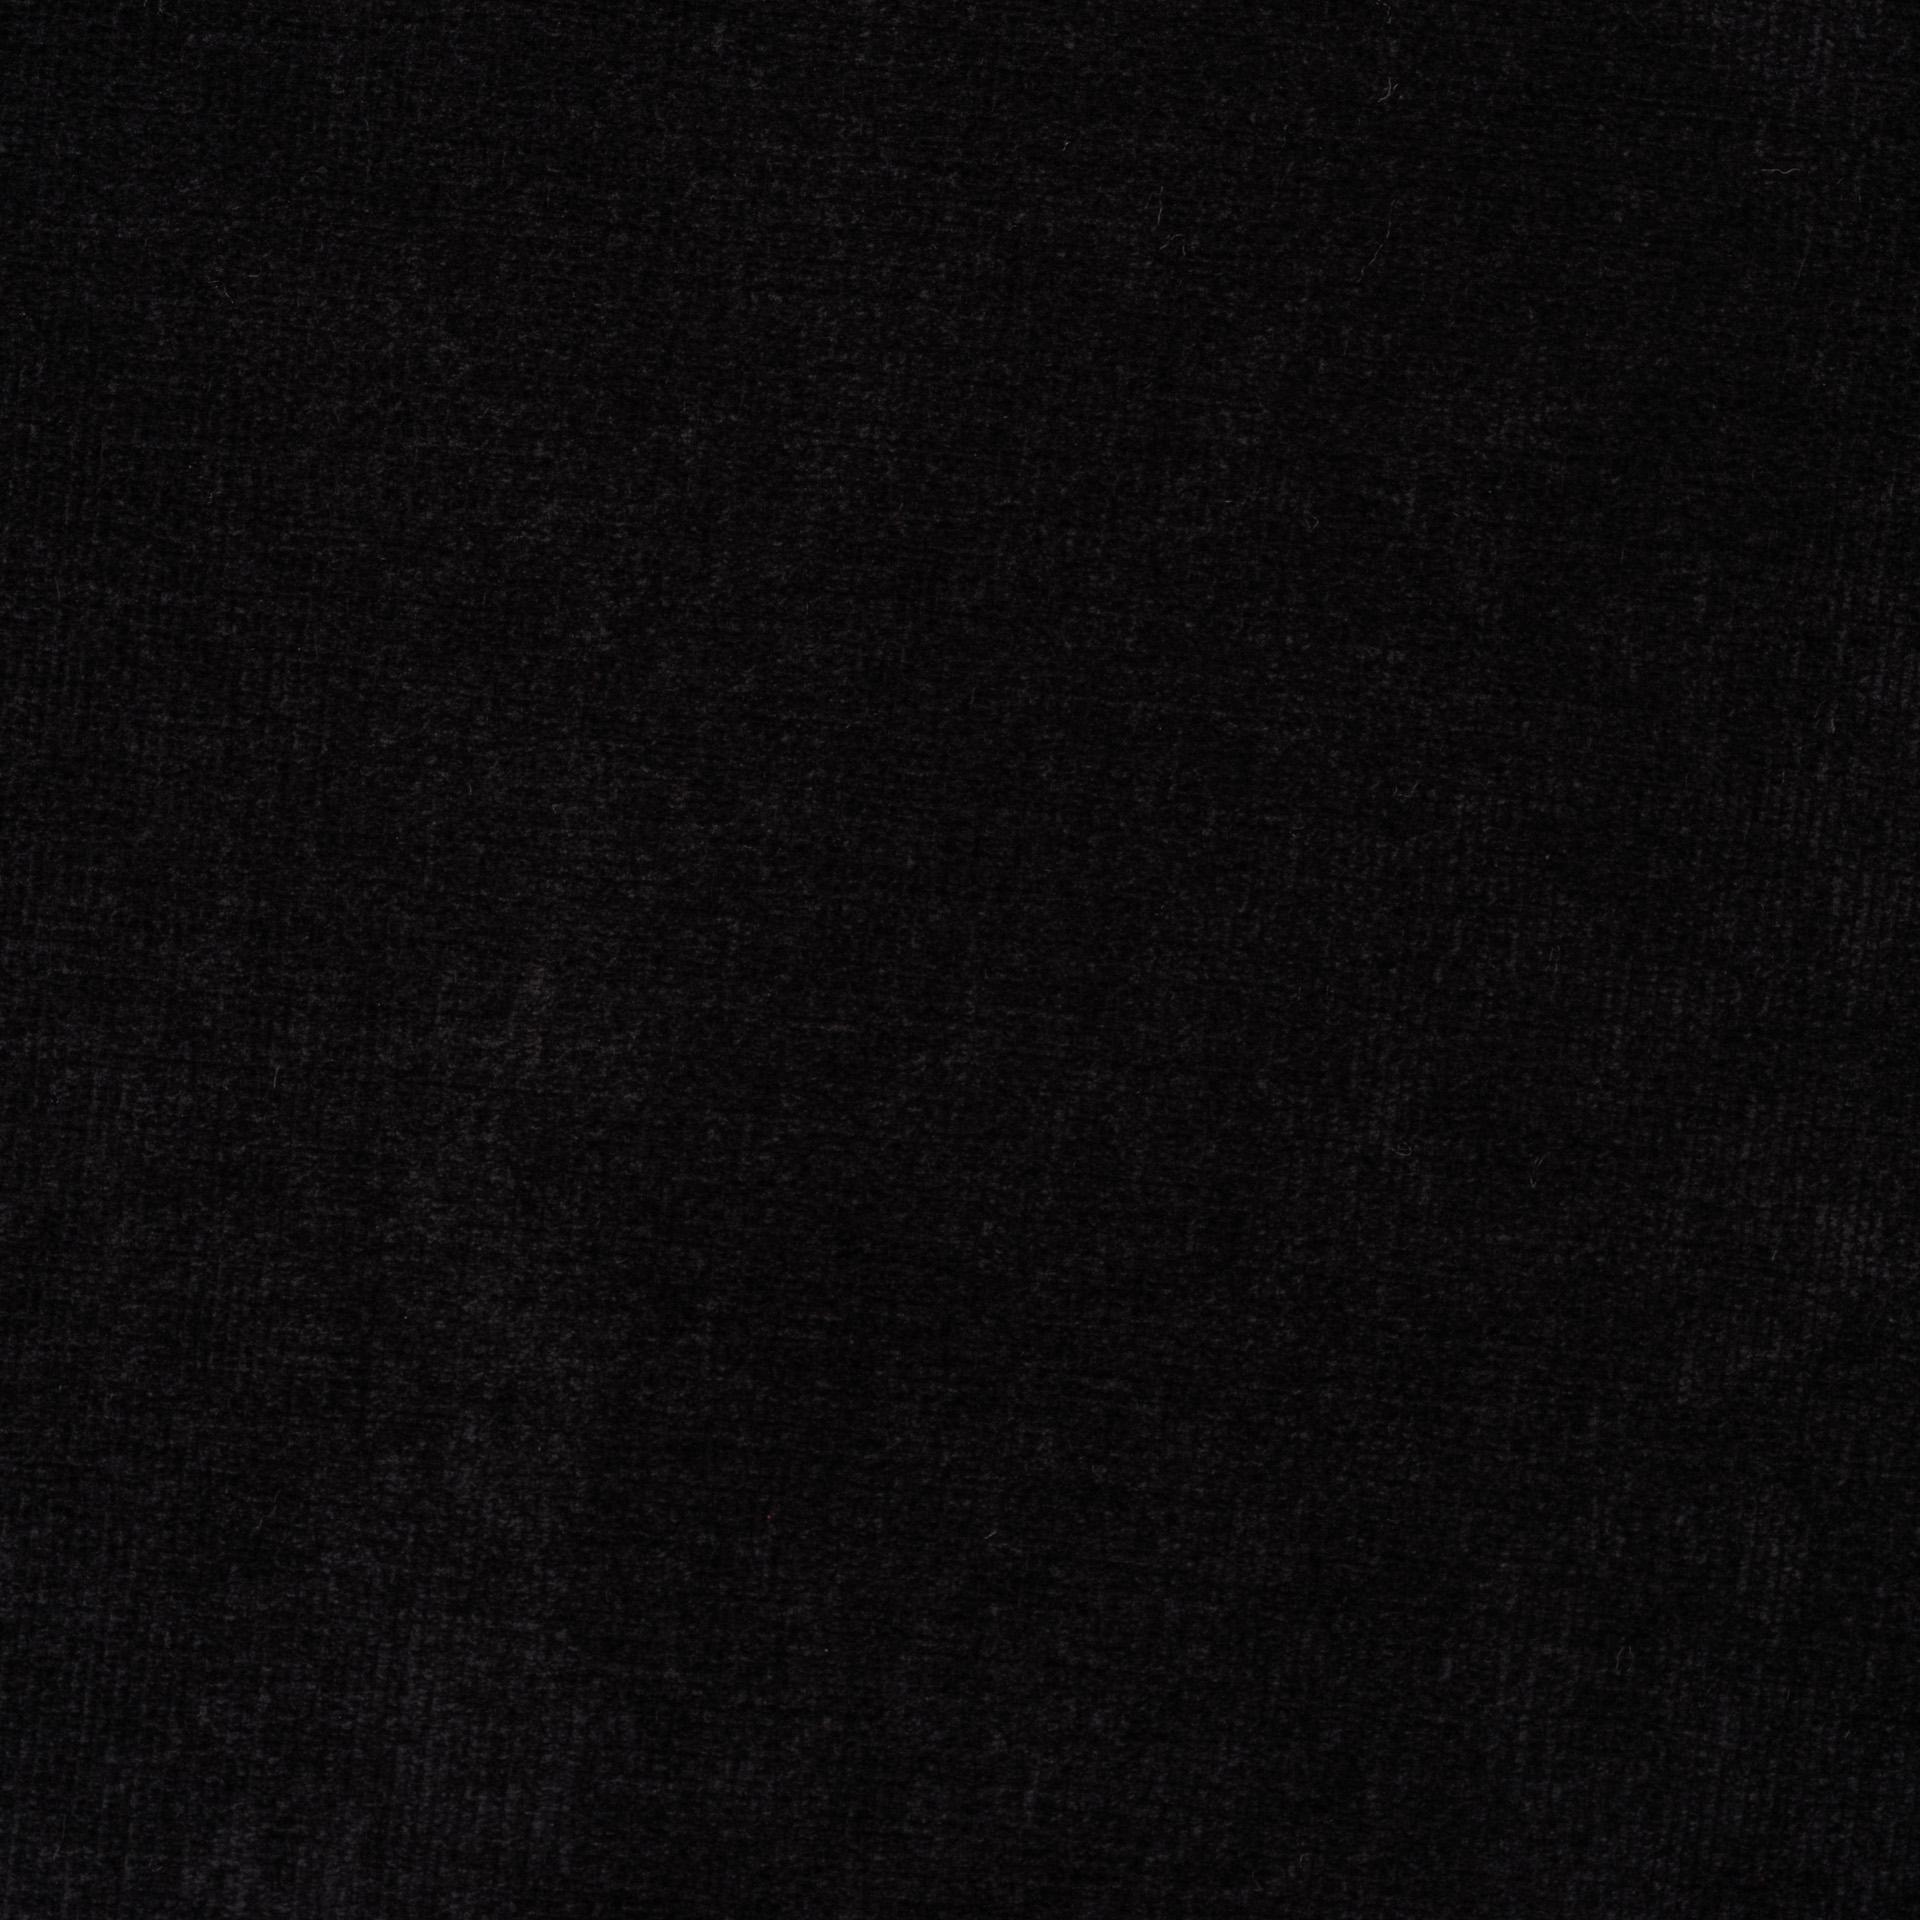 Коллекция ткани Кордрой 336,  купить ткань Велюр для мебели Украина